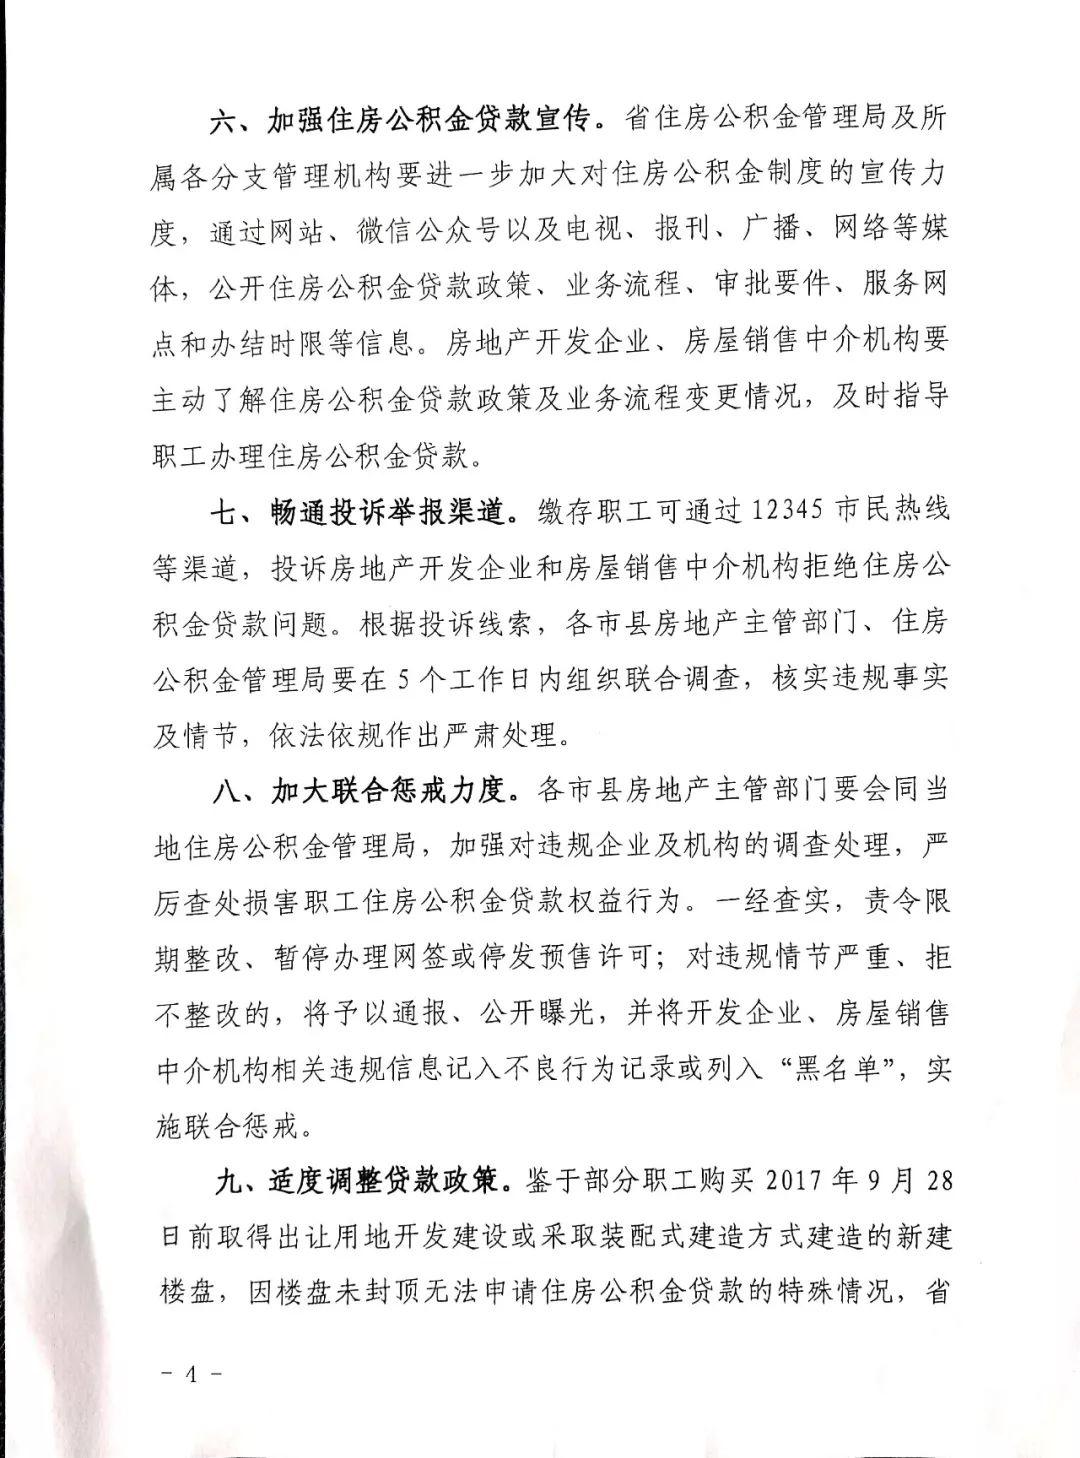 海南发布禁令:不得拒绝或阻挠购房者使用公积